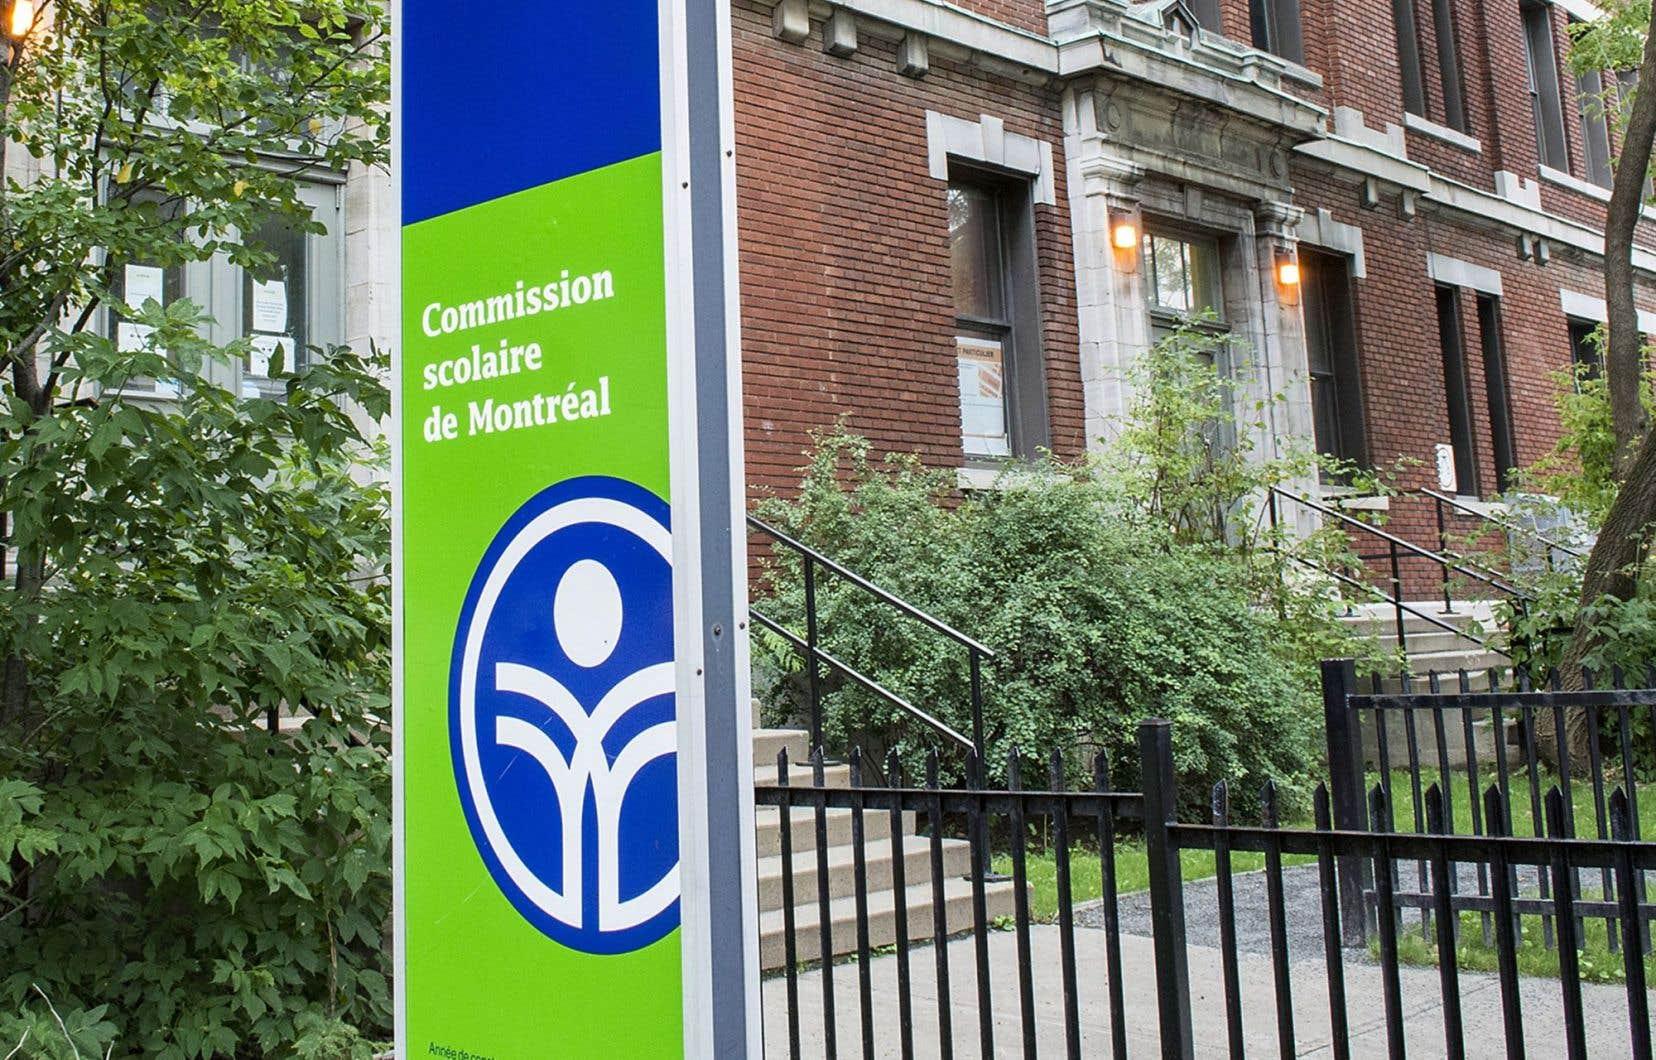 La Commission scolaire de Montréal dispose du parc immobilier le plus vétuste du réseau scolaire québécois.